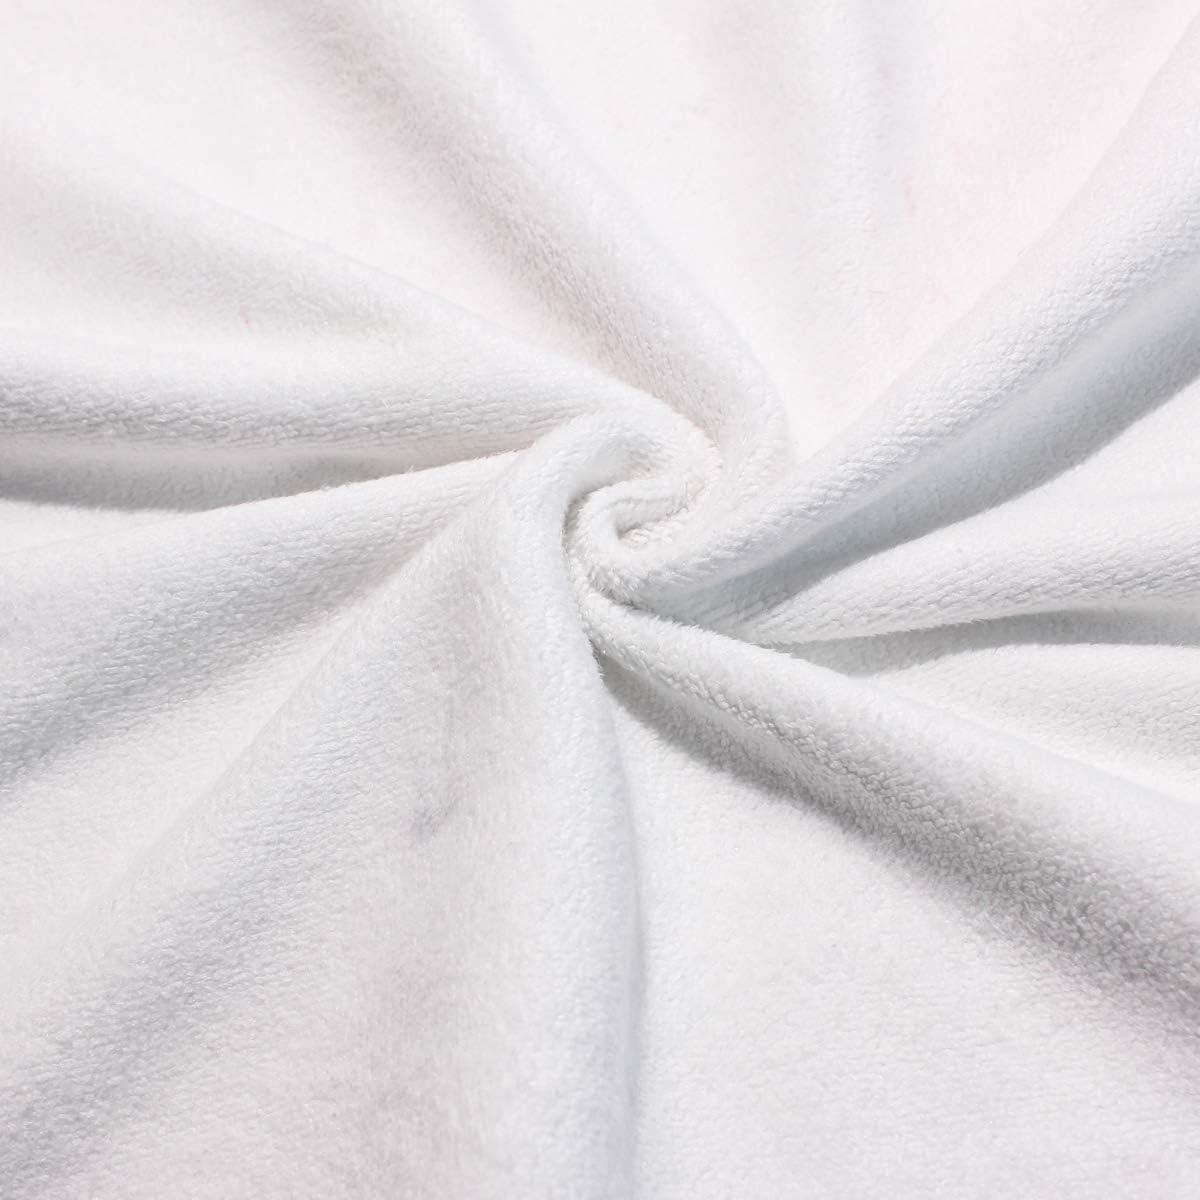 extra gro/ß weiche Baumwolle schnelltrocknend MONTOJ Badetuch mit Ankermotiv